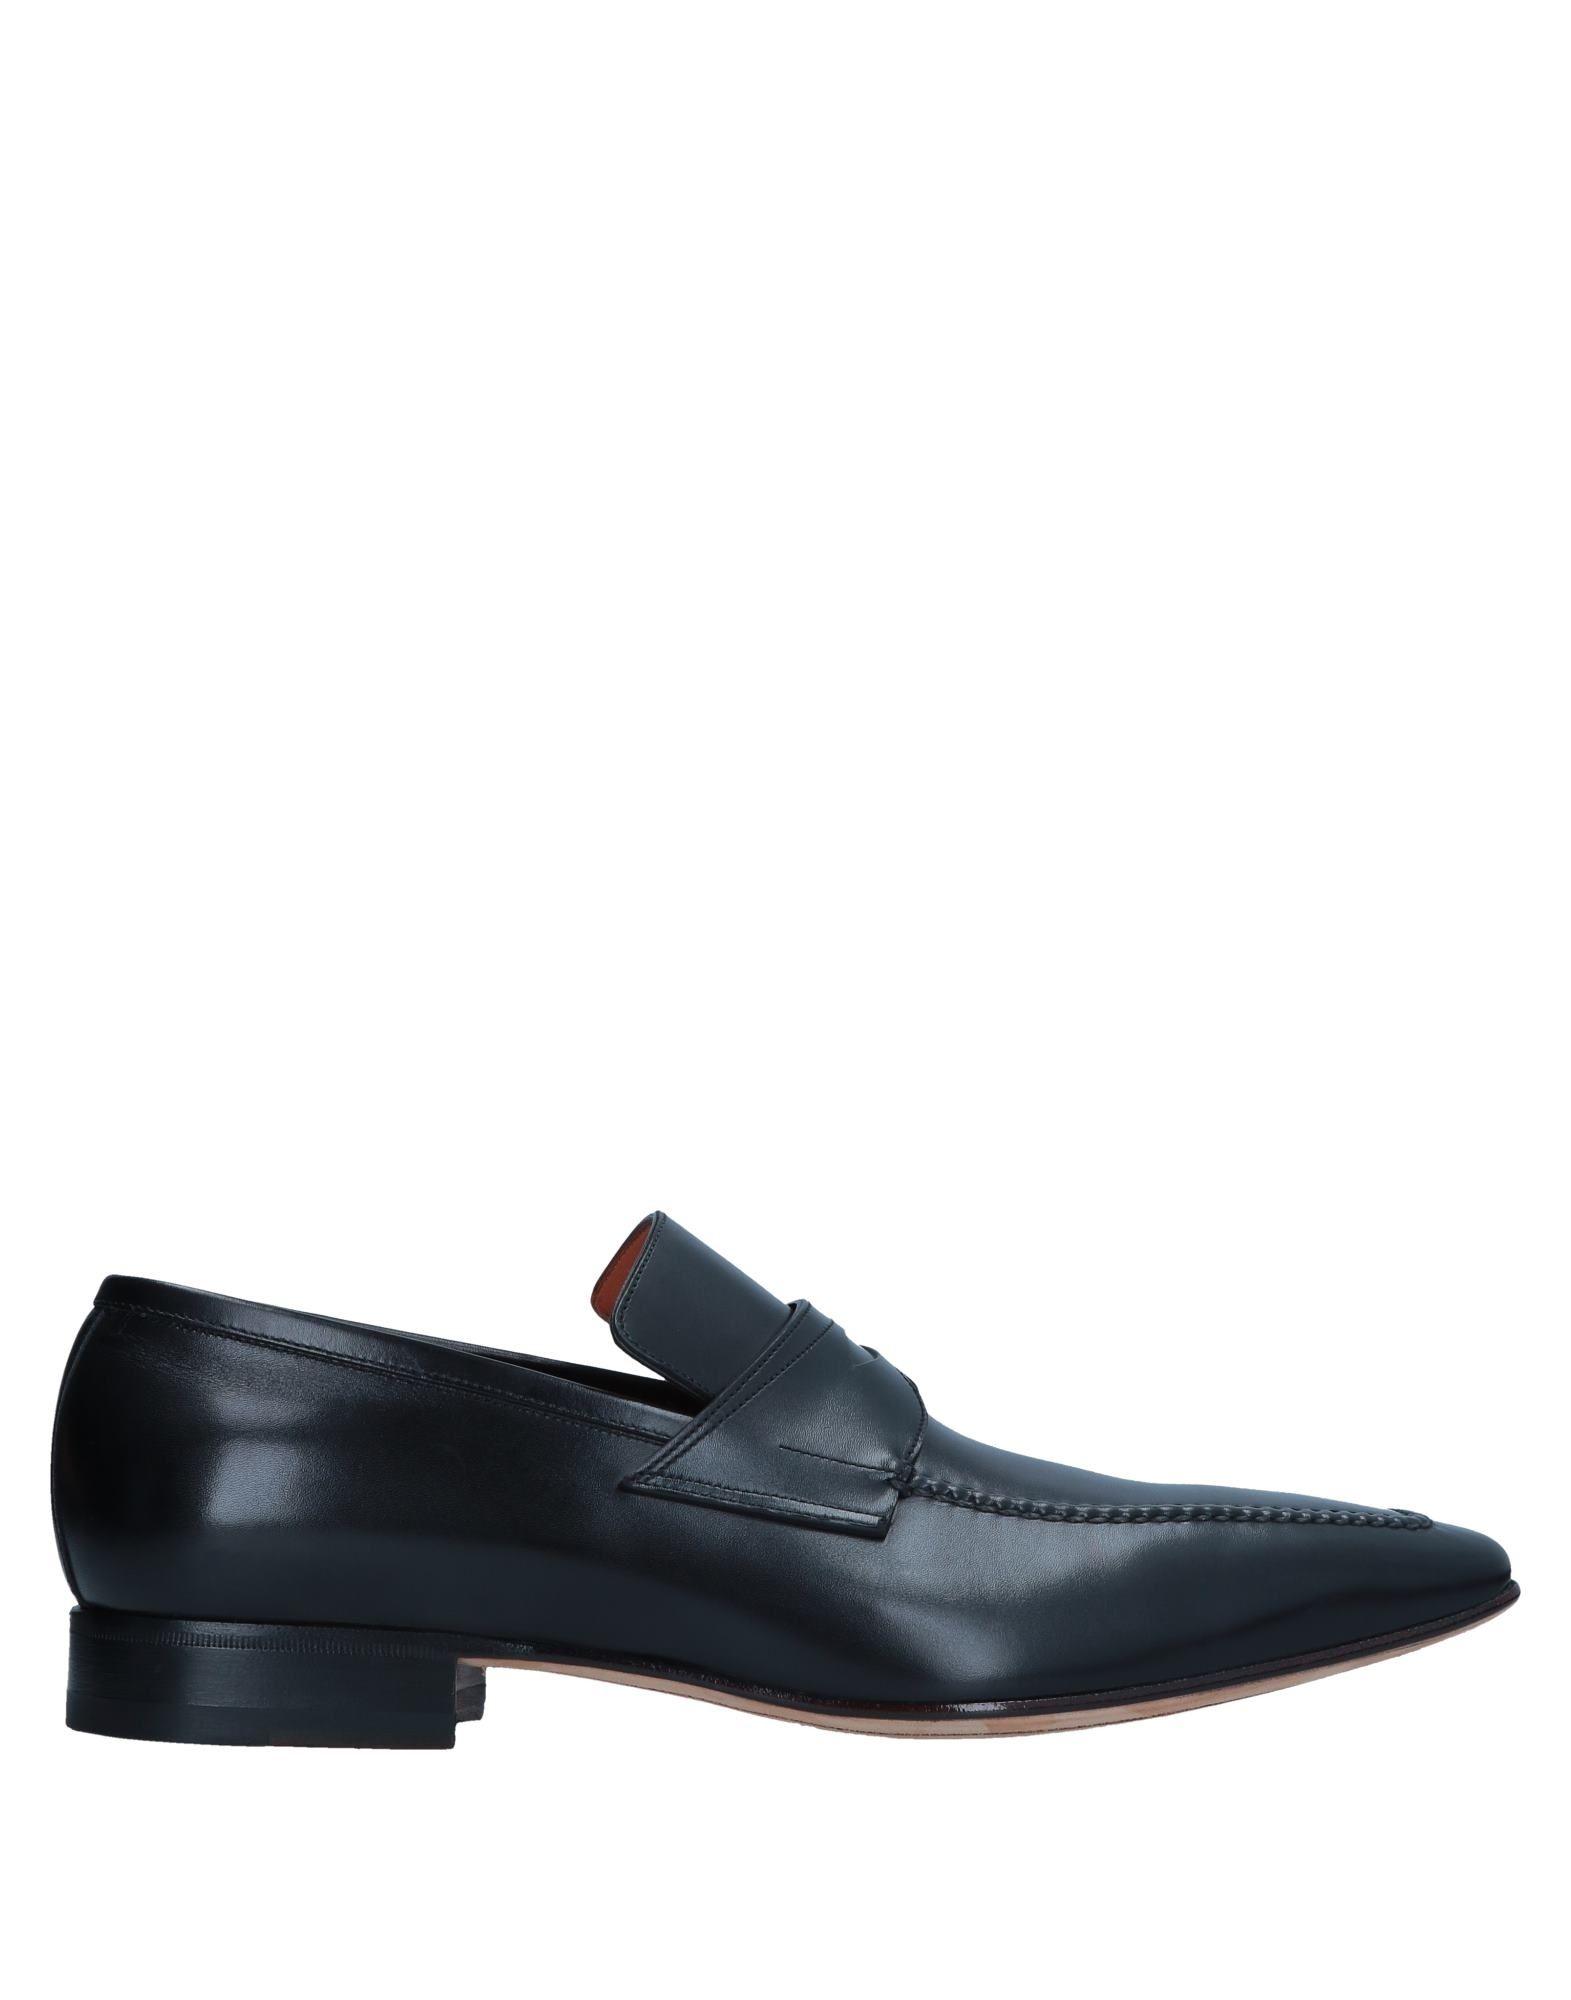 Nuevos zapatos para hombres y descuento mujeres, descuento y por tiempo limitado  Mocasín Santoni Hombre - Mocasines Santoni e5e691